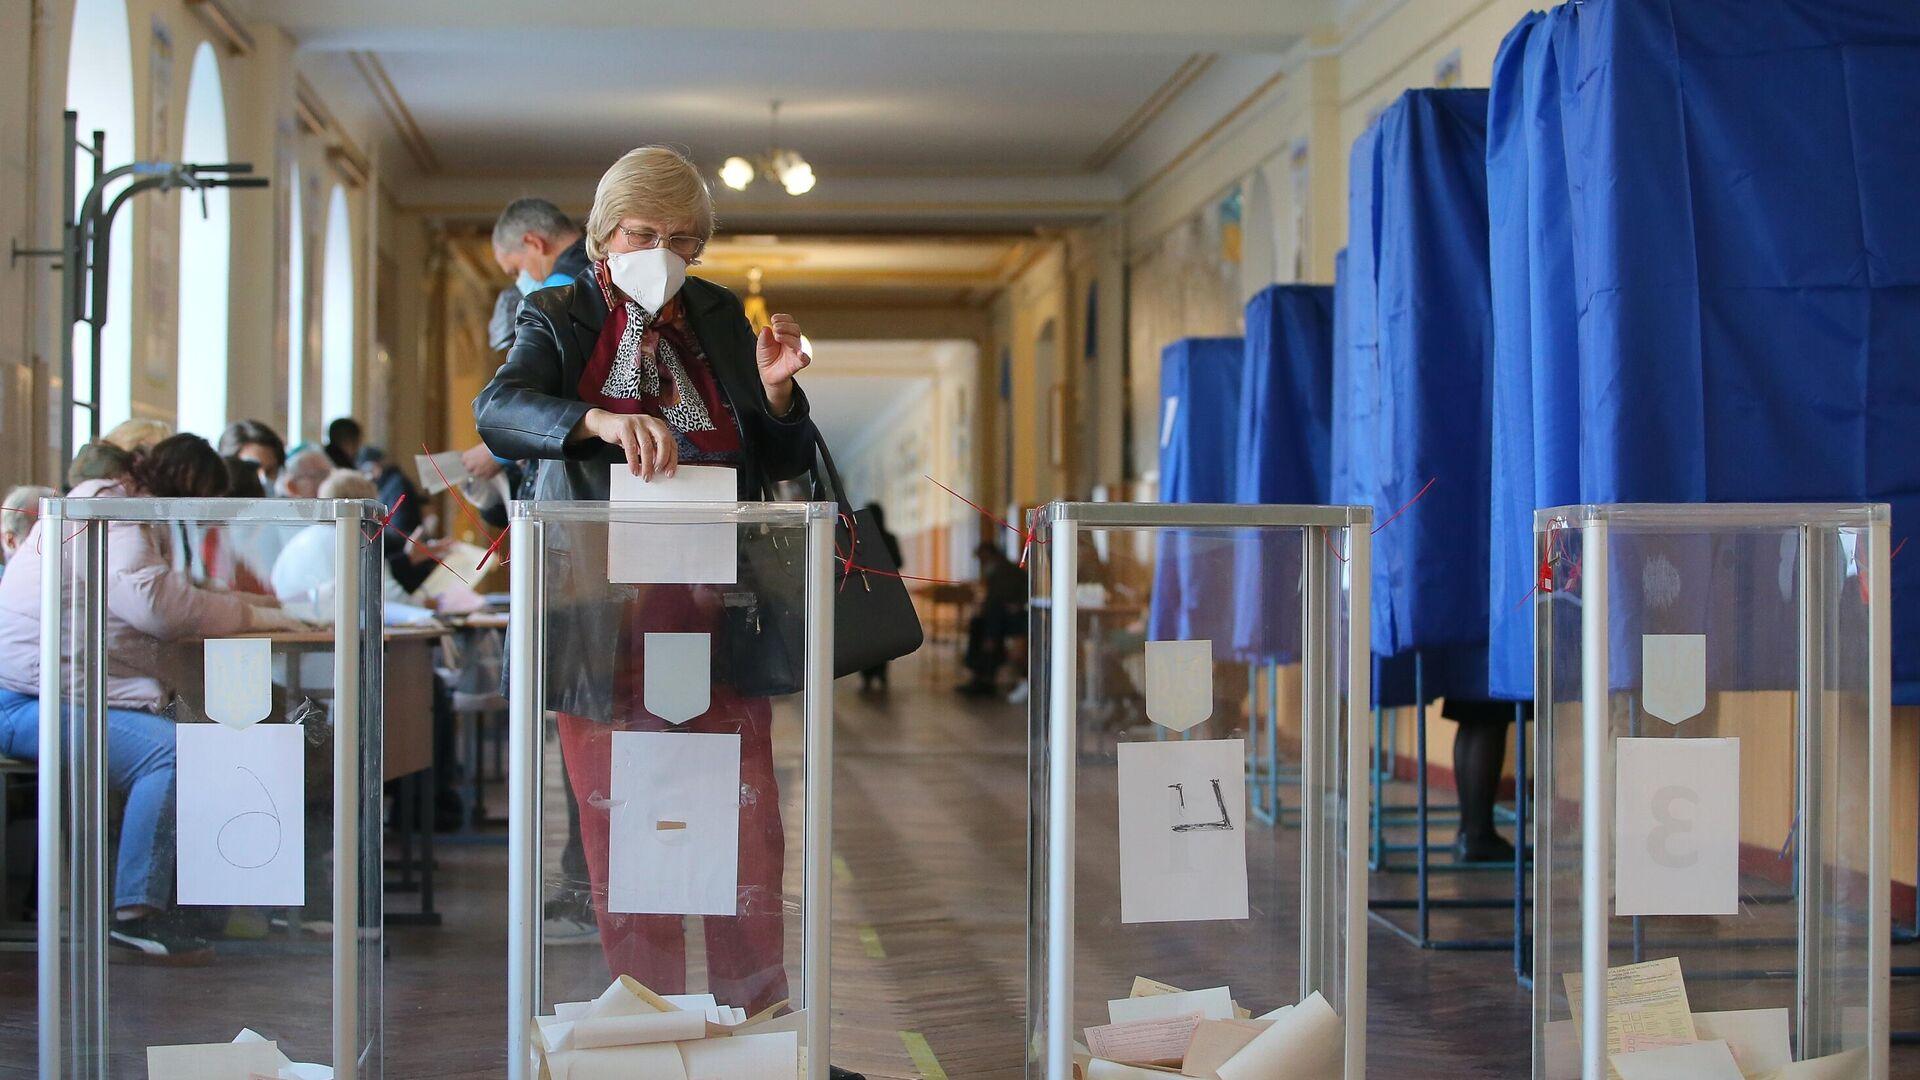 Женщина голосует на одном из избирательных участков в Киеве - РИА Новости, 1920, 31.10.2020